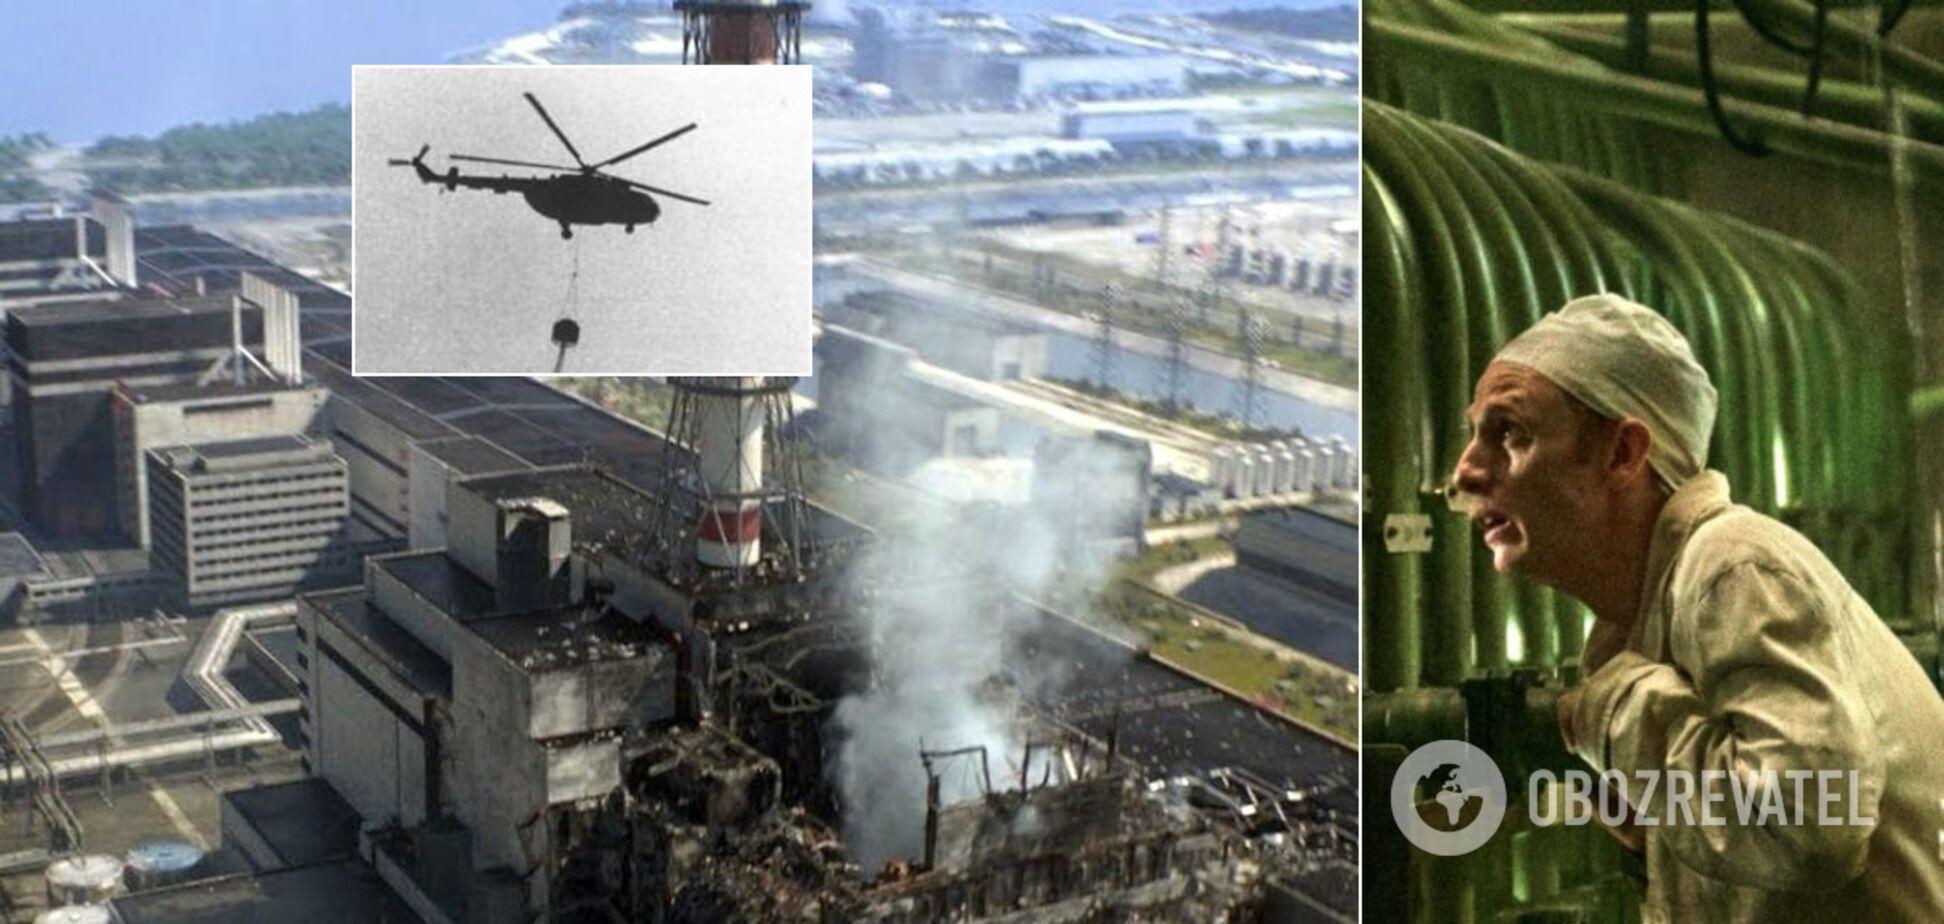 Об аварии на ЧАЭС, лжи в сериале 'Чернобыль' и как это – быть в 200 метрах от ада. Интервью с летчиком-ликвидатором